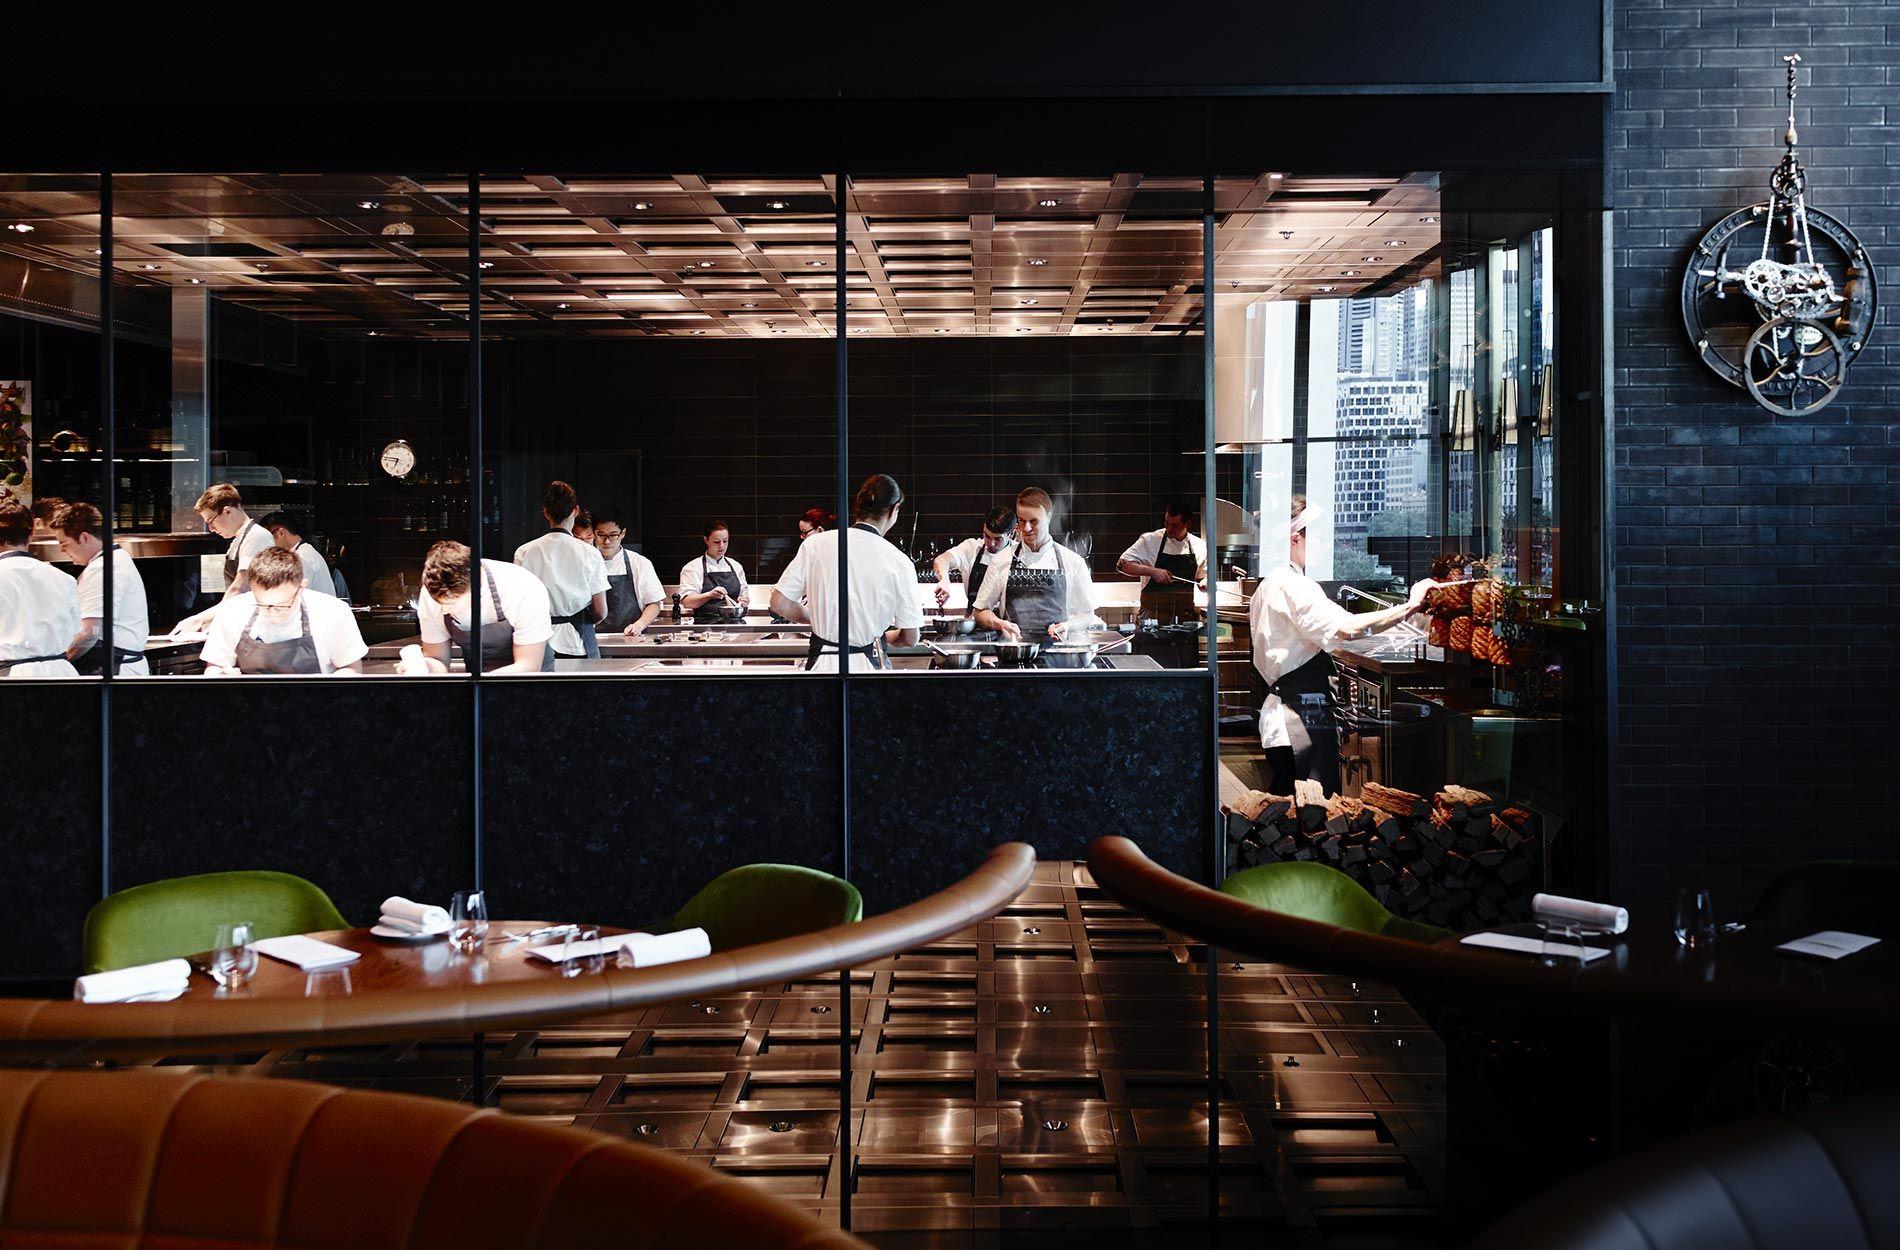 0dd1a0d0464910bf7dbcb4a5b8d1188f Meilleur De De Bar Cuisine Ouverte Des Idées